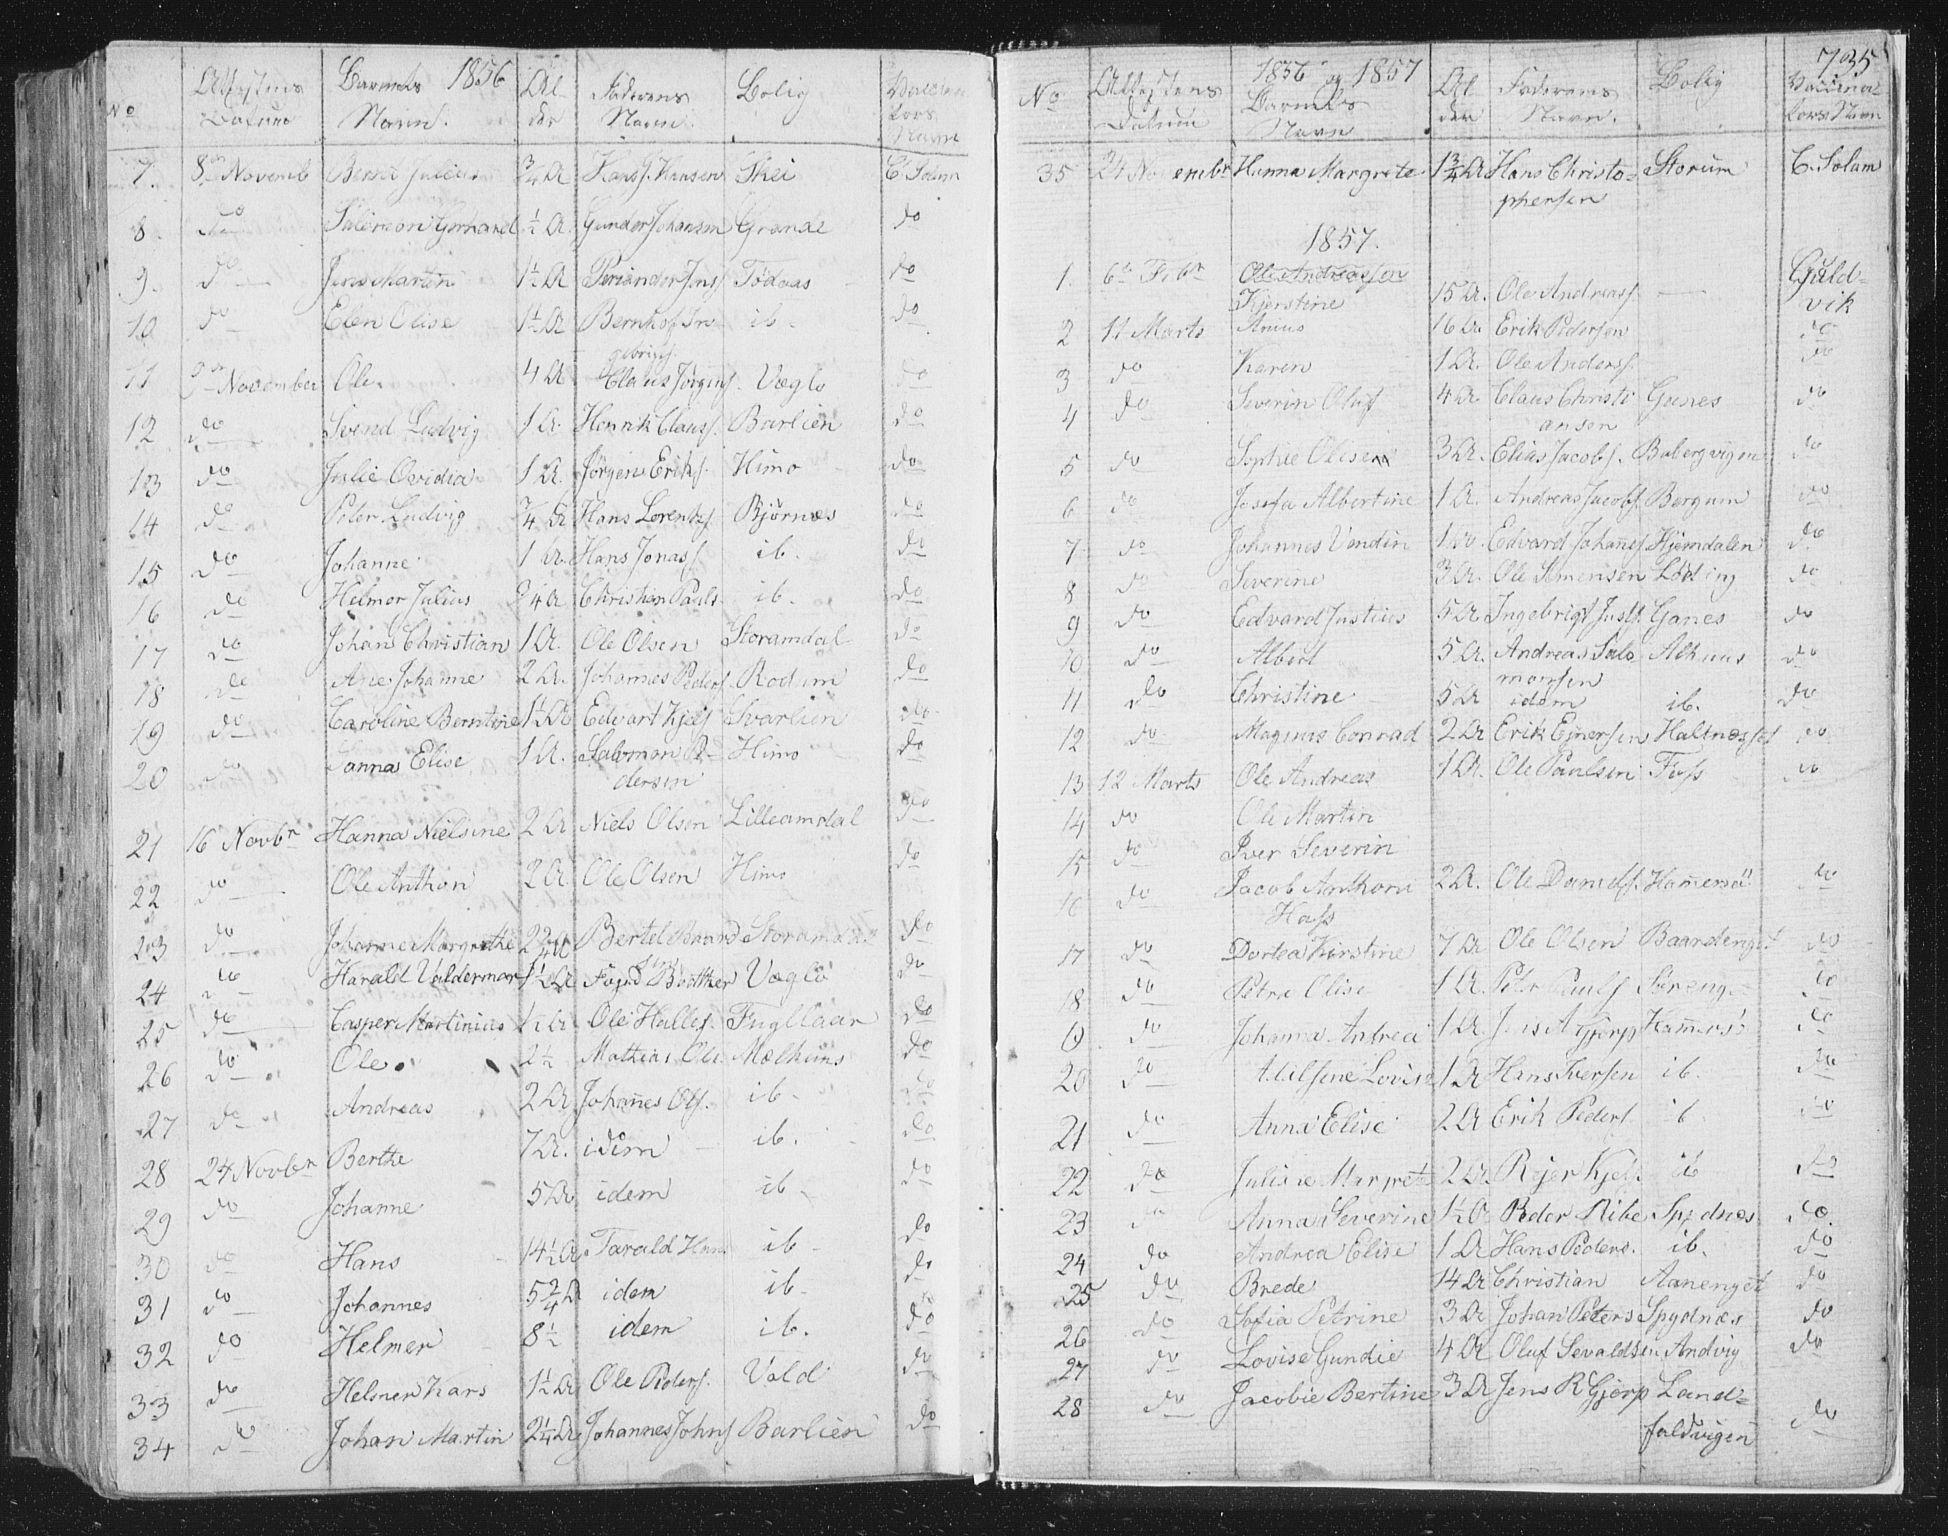 SAT, Ministerialprotokoller, klokkerbøker og fødselsregistre - Nord-Trøndelag, 764/L0552: Ministerialbok nr. 764A07b, 1824-1865, s. 735